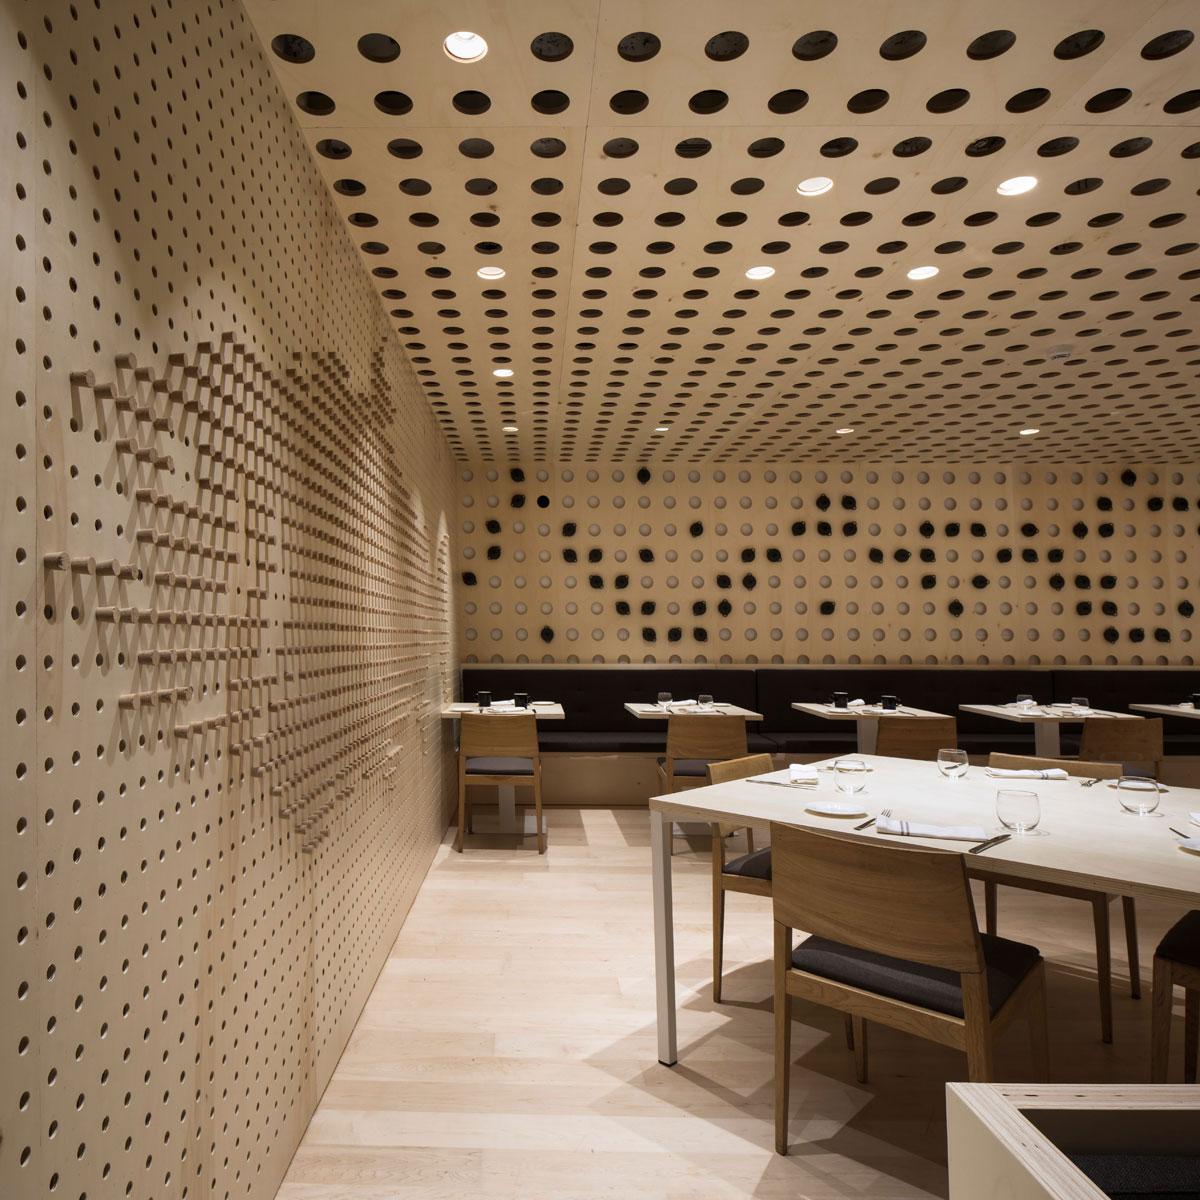 Habitual Restaurant Valencia by Francesc Rife | Yellowtrace